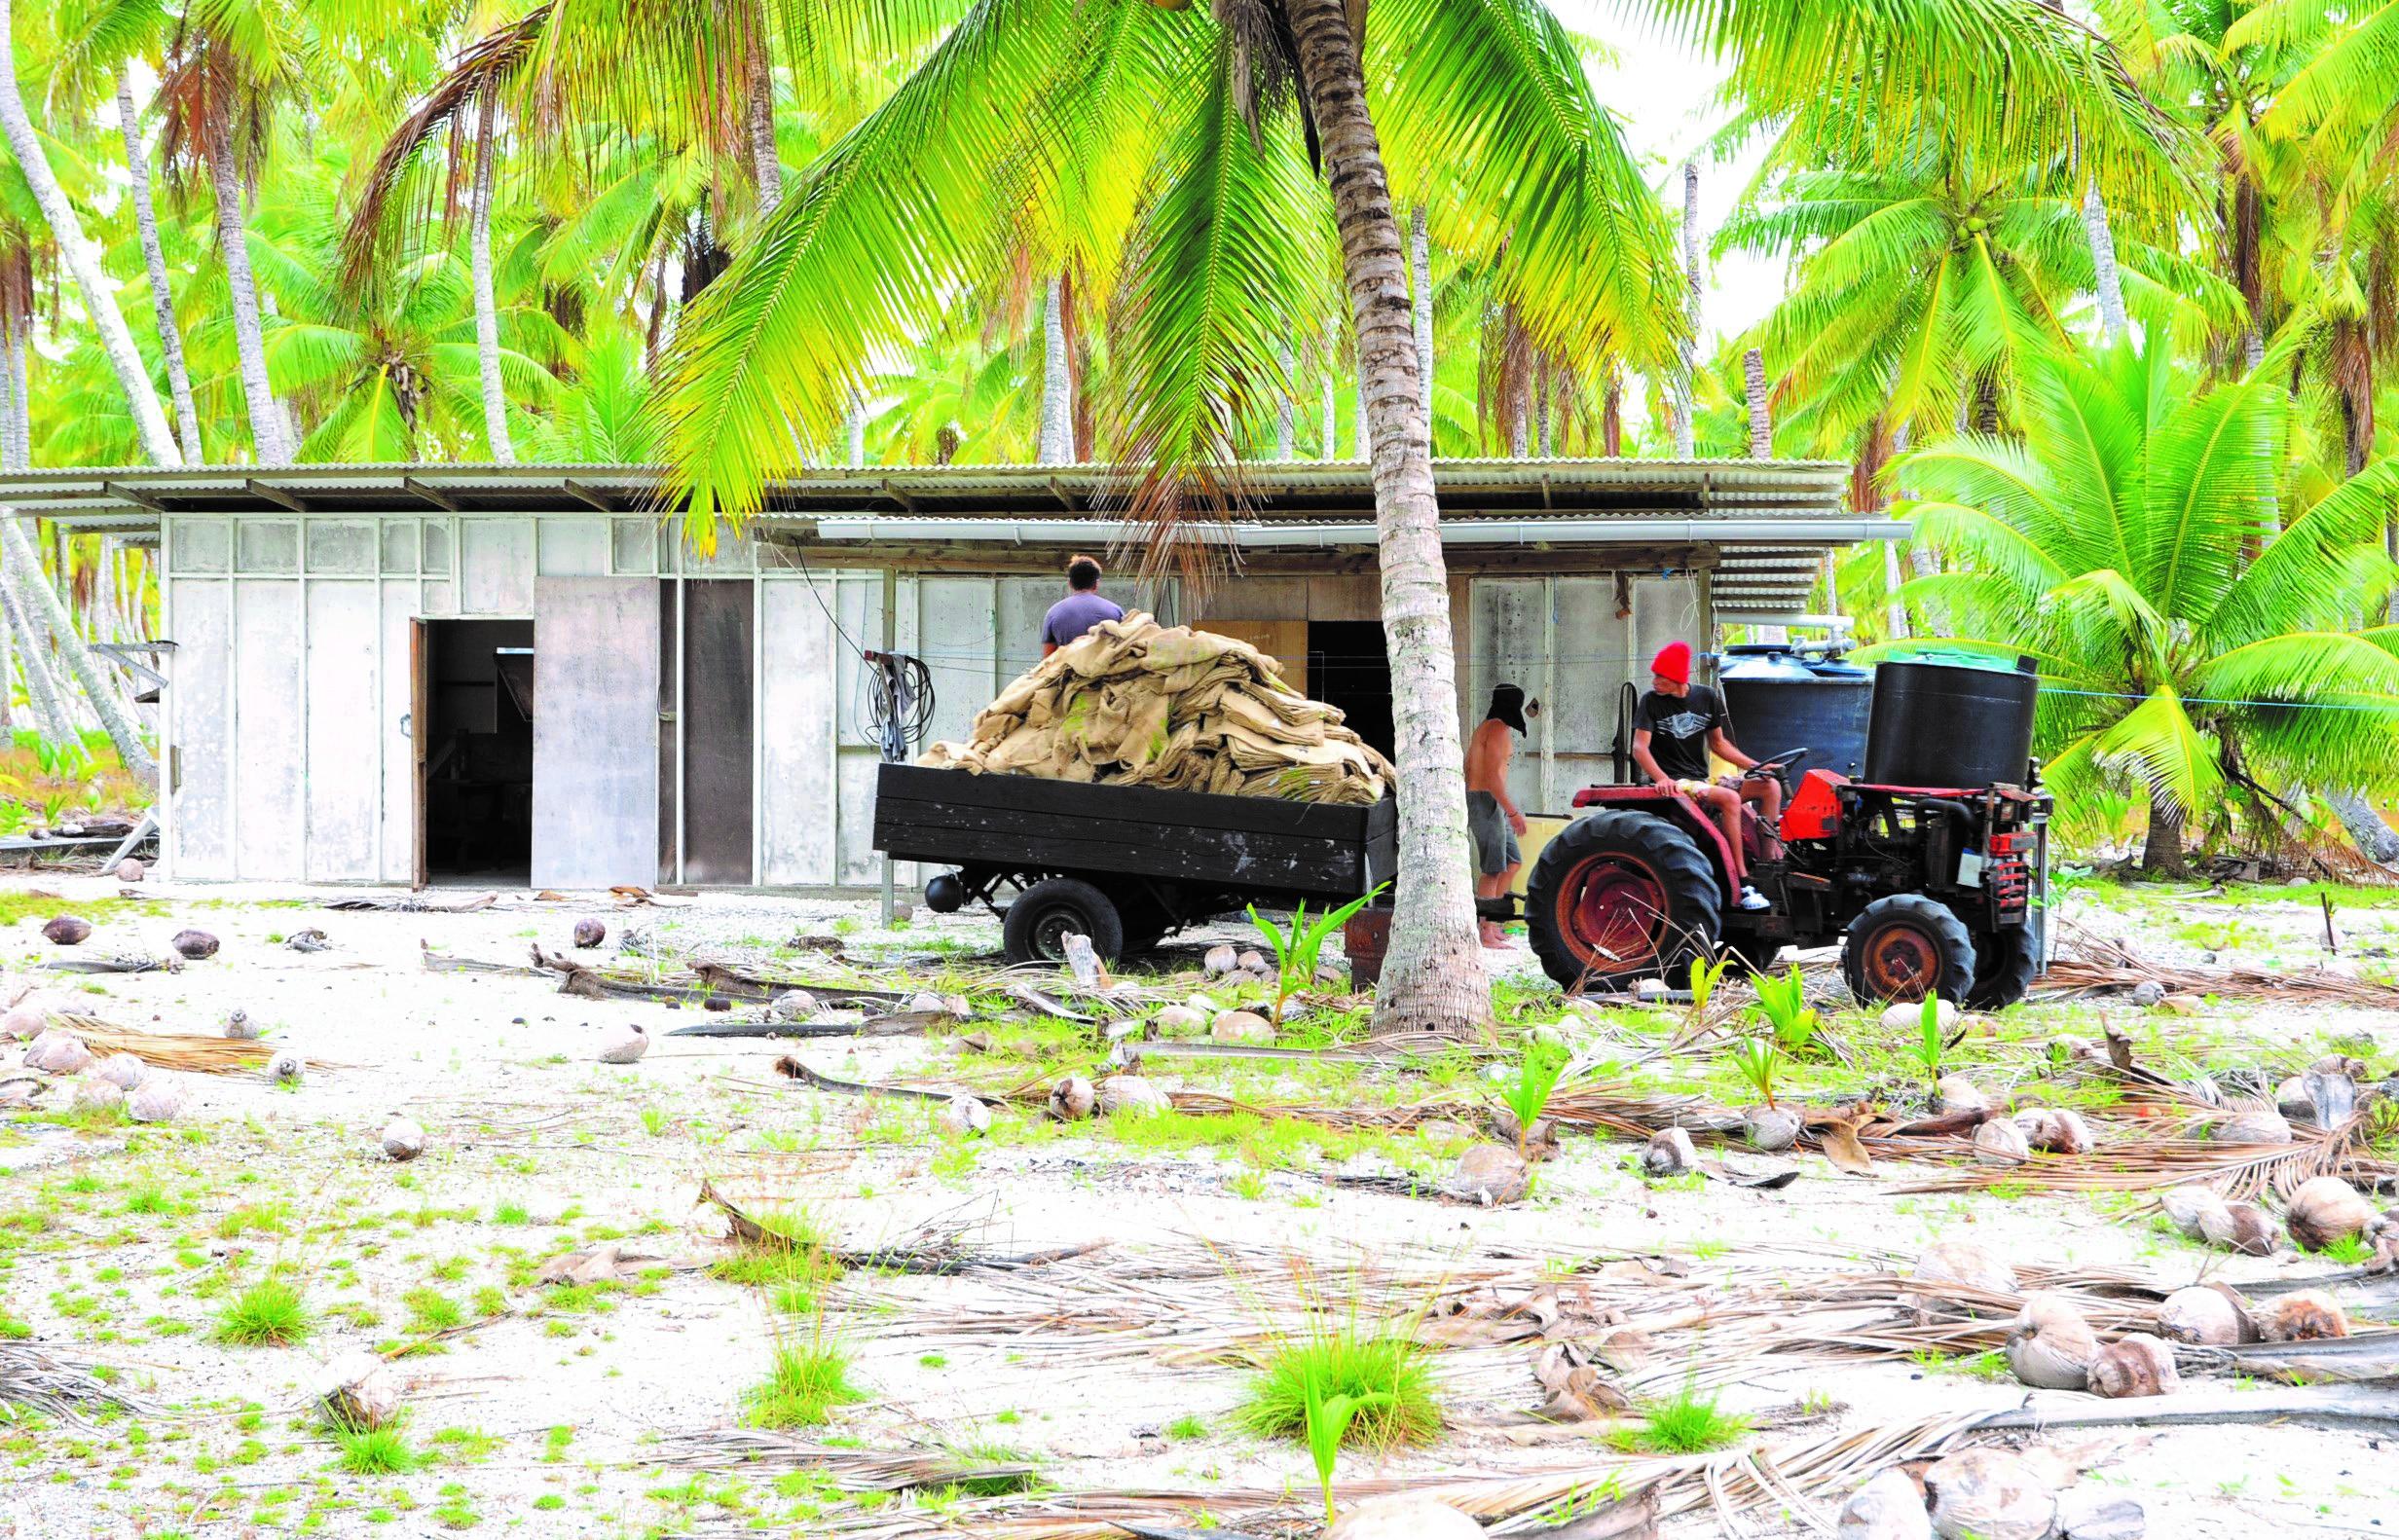 Le Pays appelle les ayants droit des îles Actéon à se faire connaître